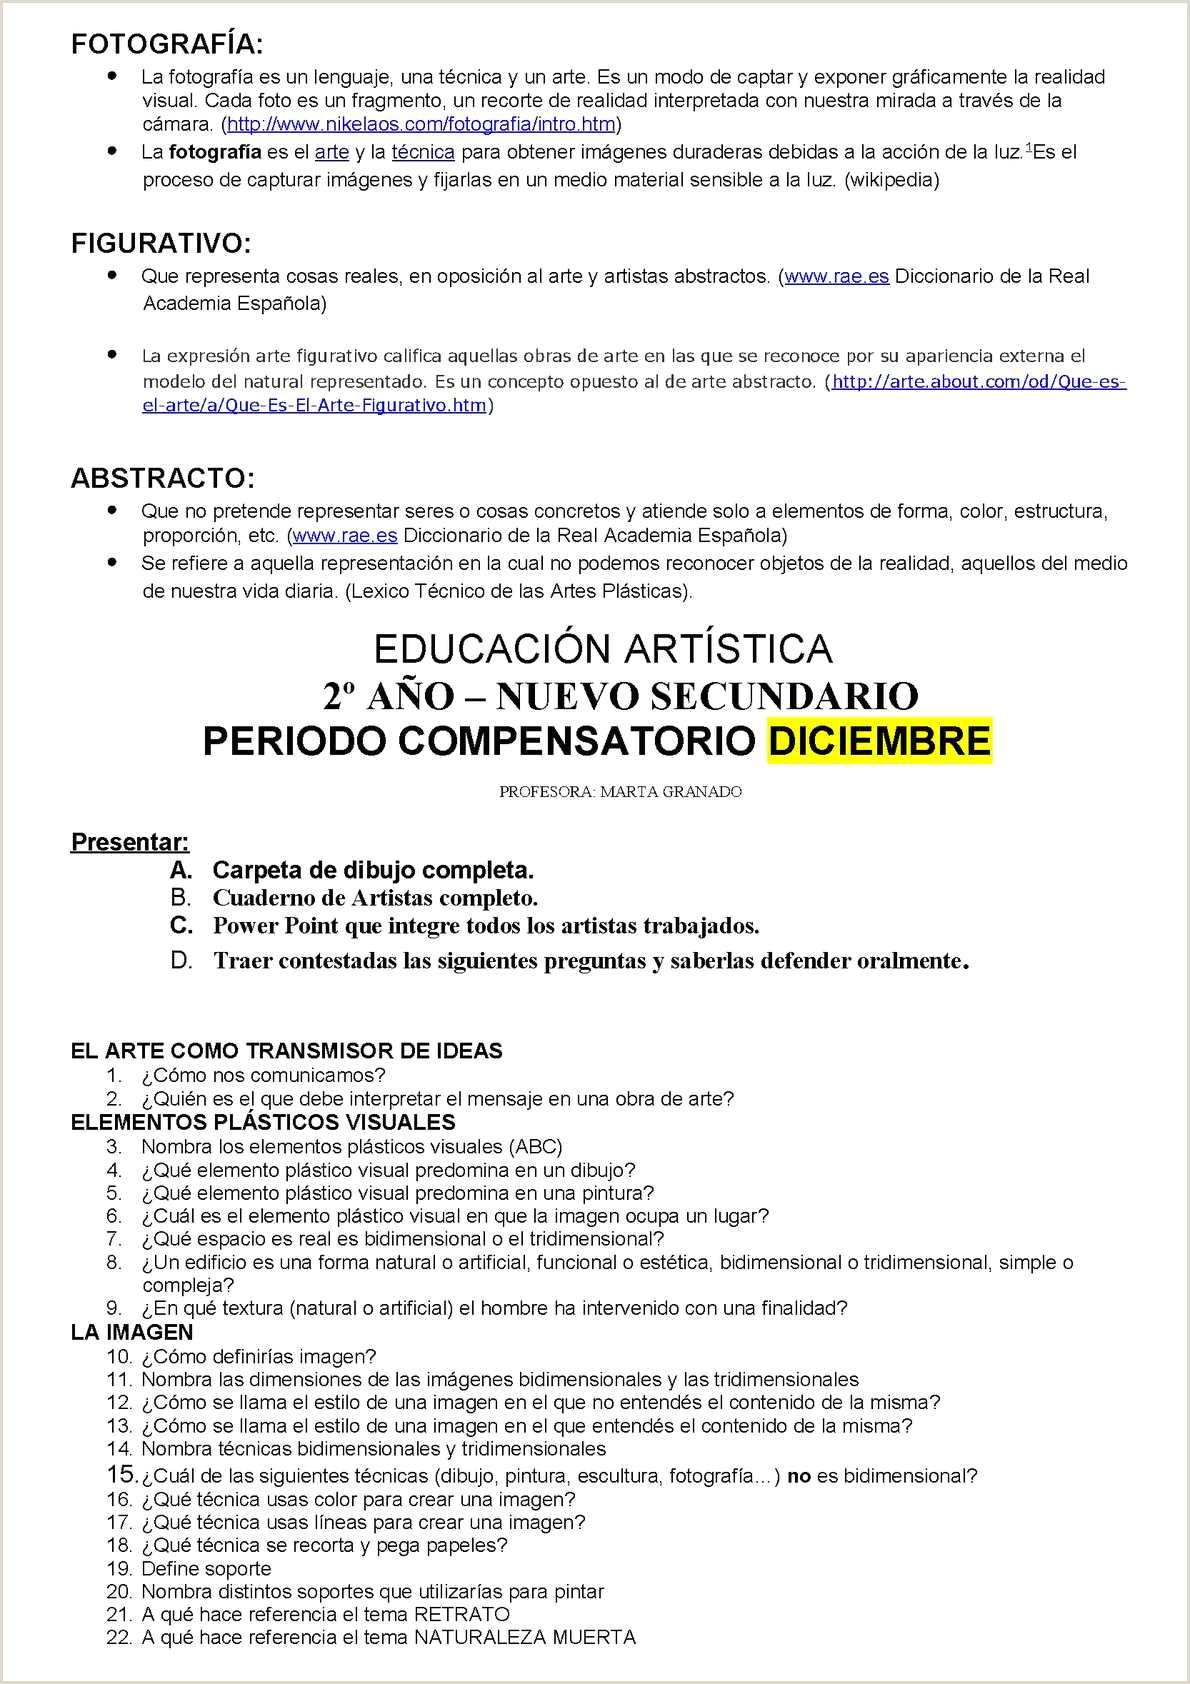 CUADERNILLO 2° A'O 2014 CALAMEO Downloader